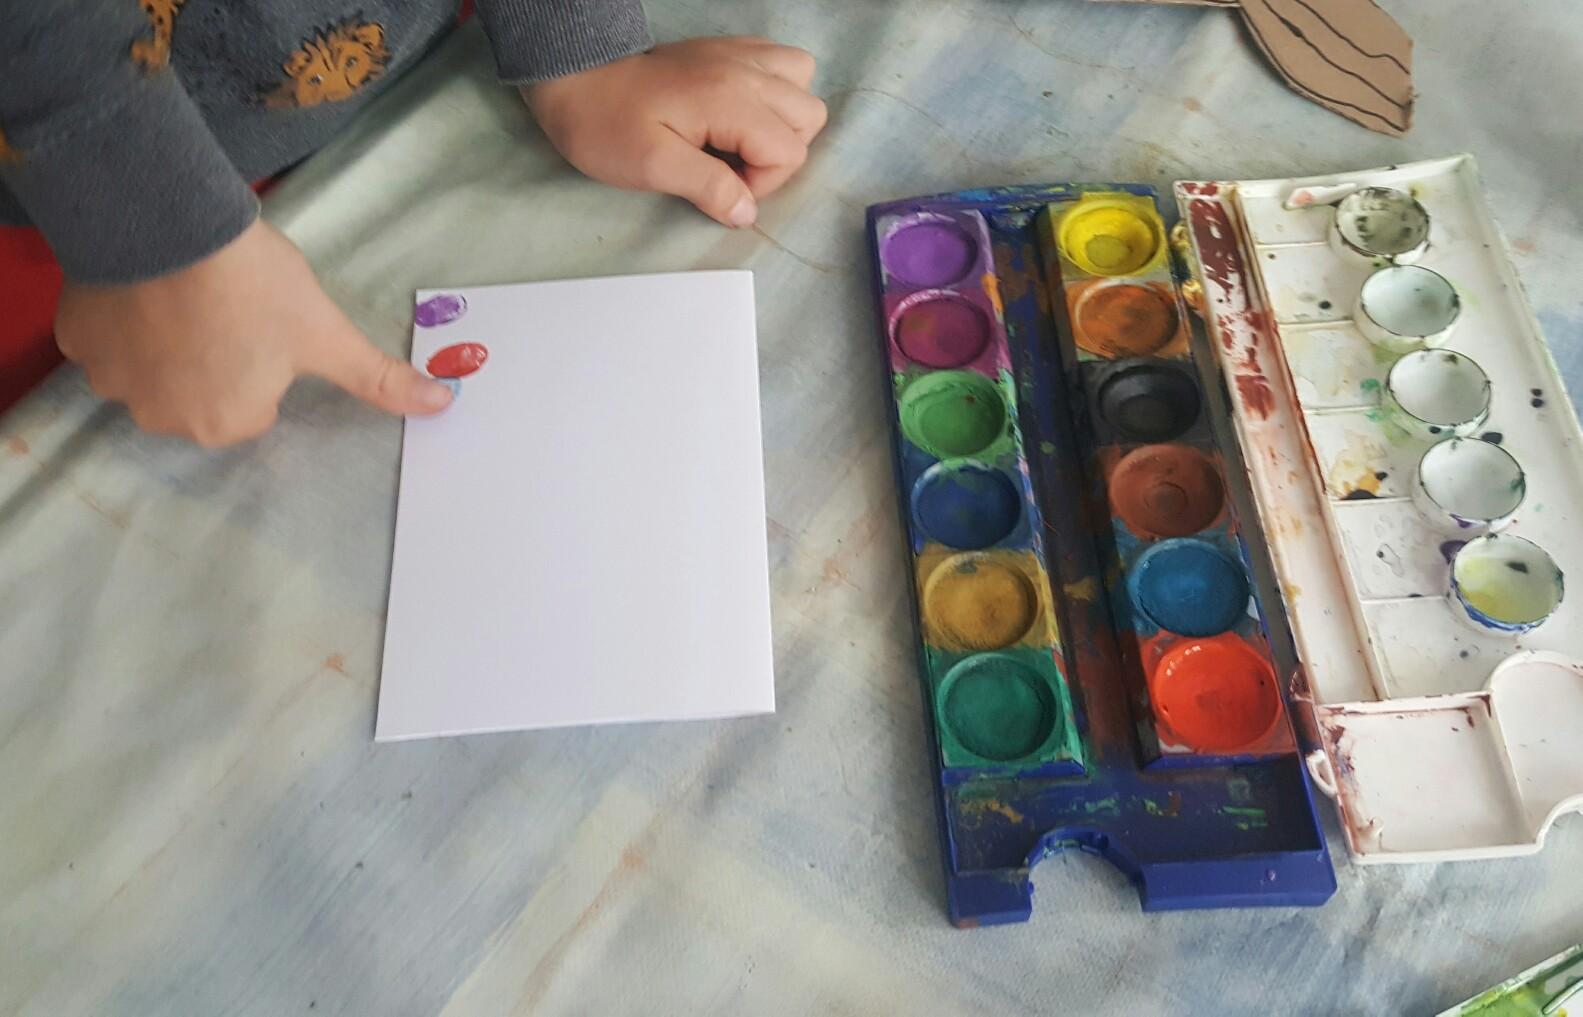 Ostergrüße mit Wasserfarben gestalten